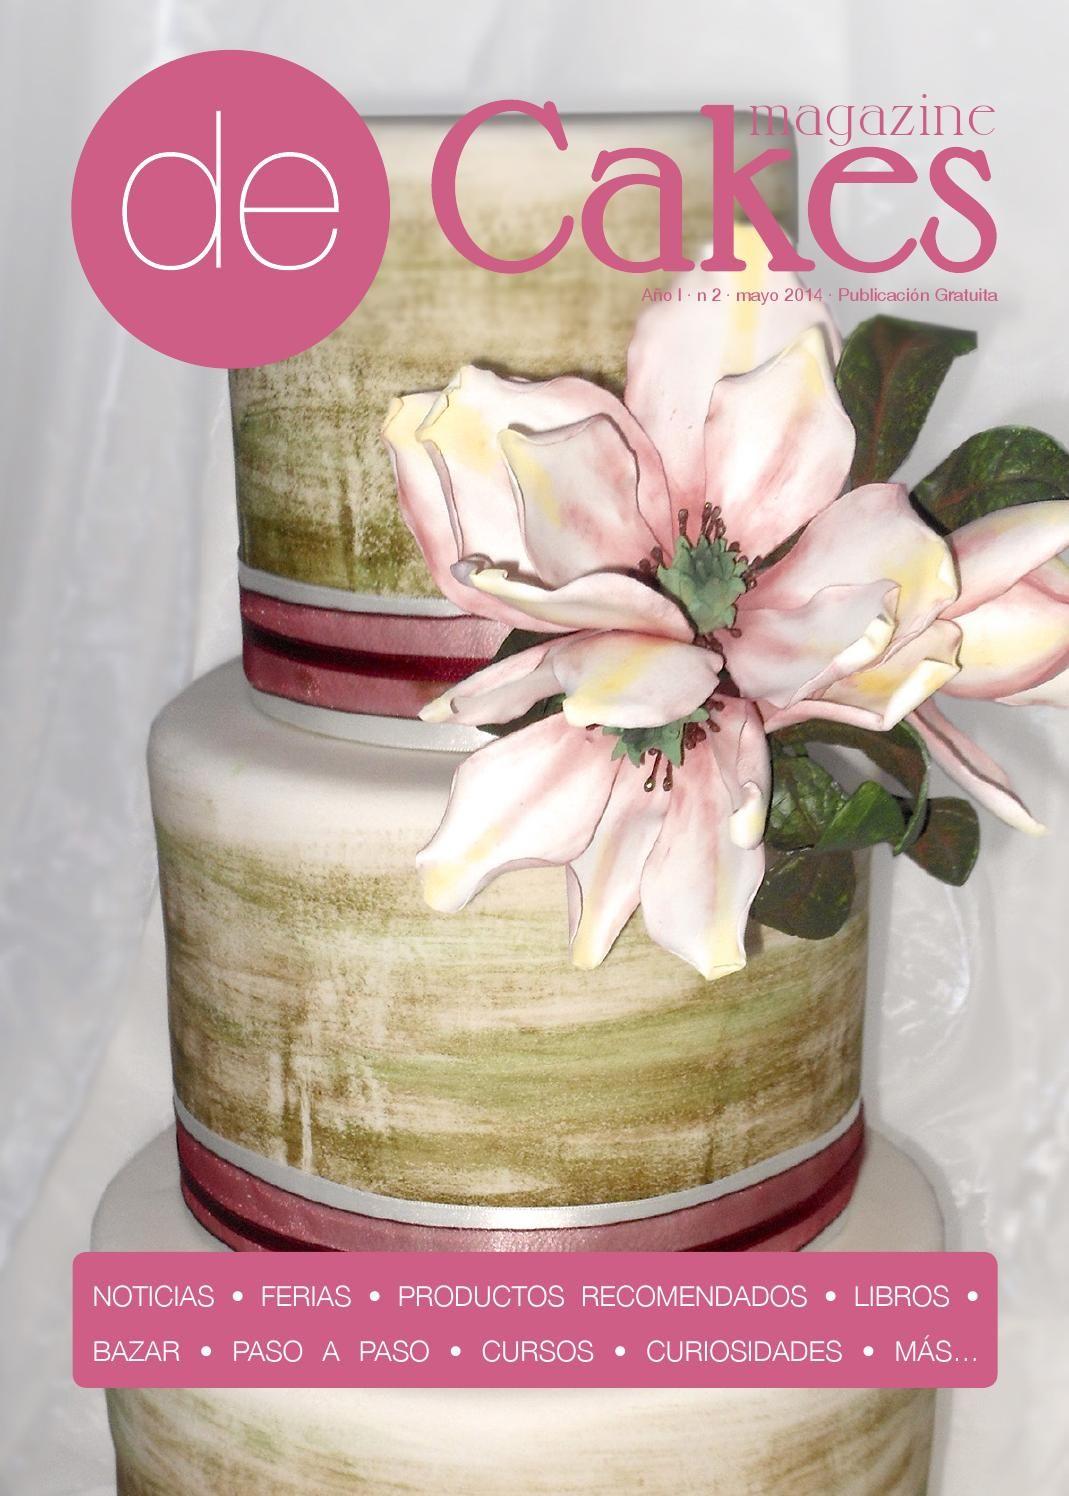 de Cakes 02_may2014  Magazine gratuito sobre el mundo de la repostería creativa en versión digital.